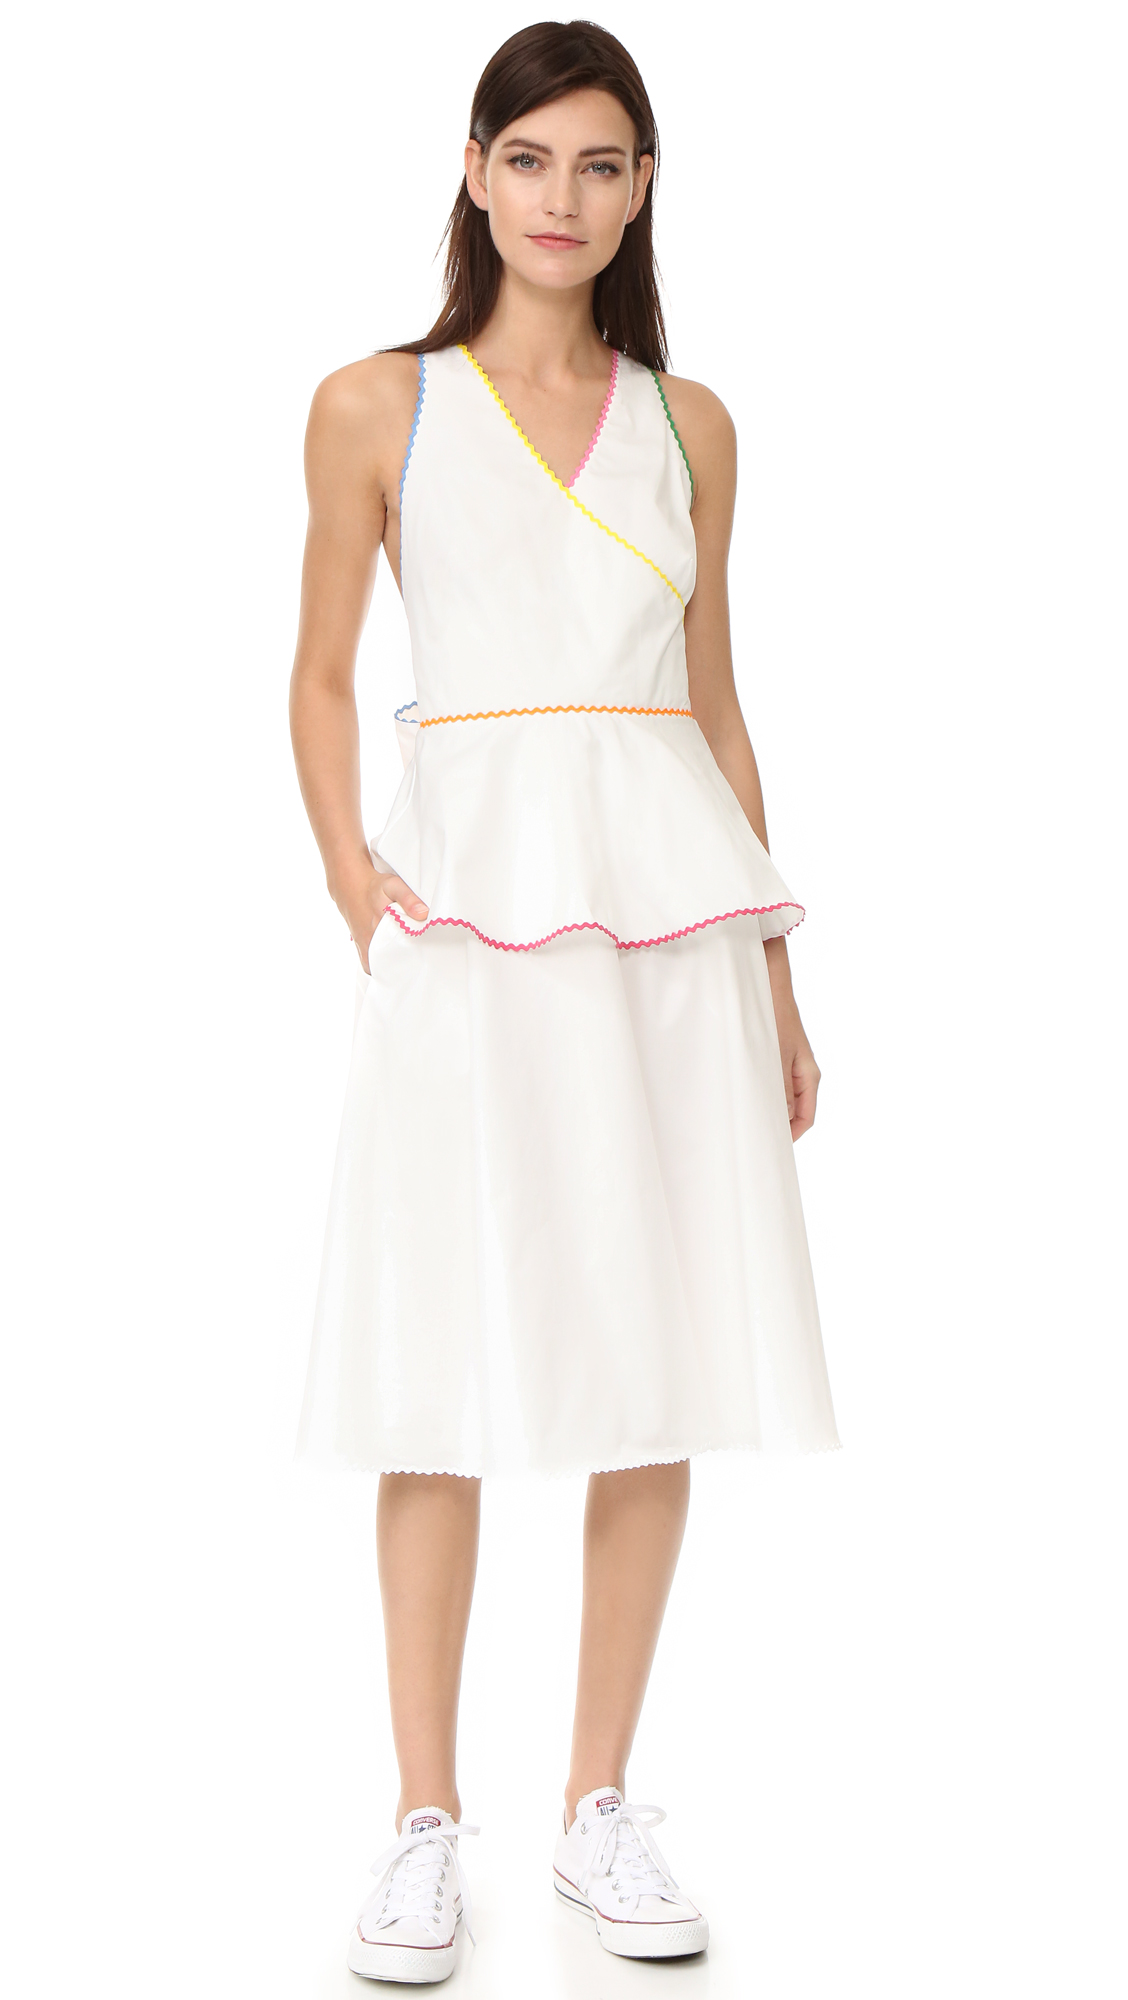 Anna October Sleeveless Dress - White